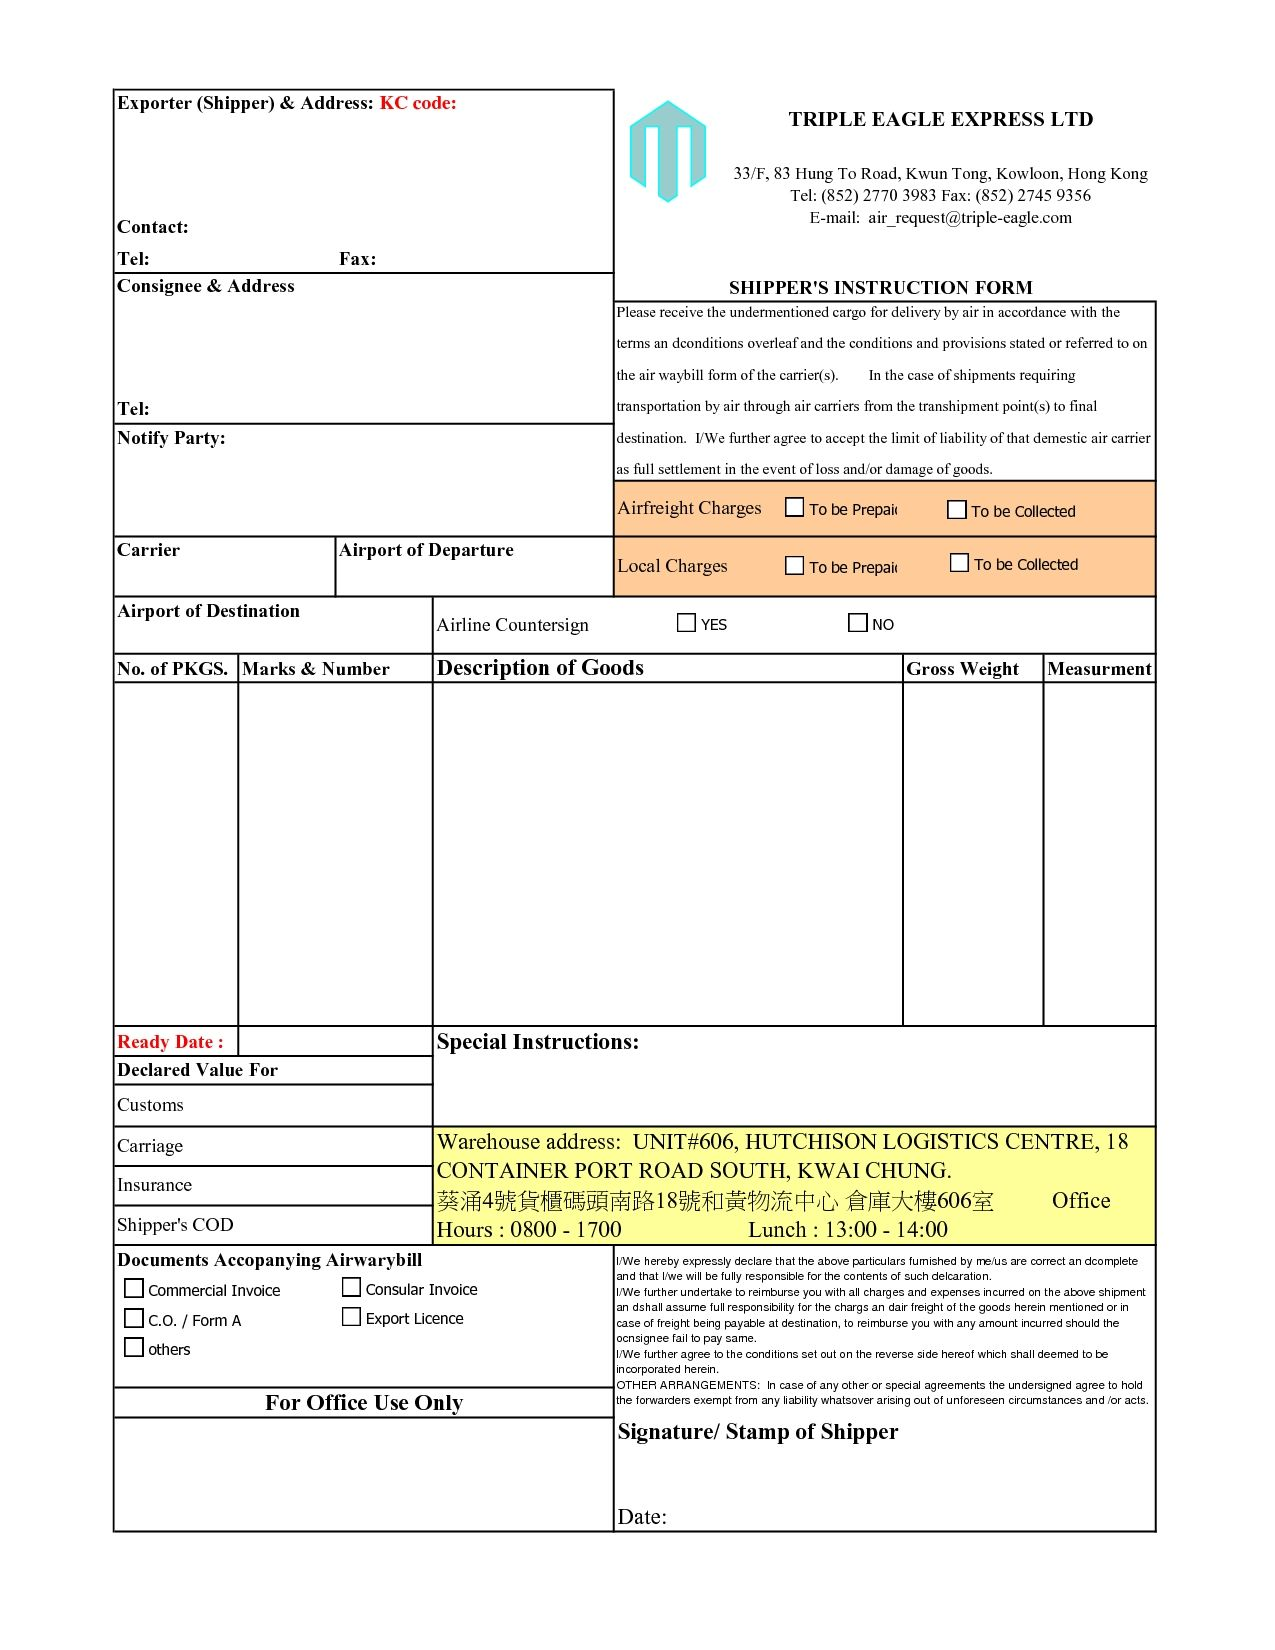 Consular Invoice Format Pdf Invoicegenerator Consular Invoice Format  Free Editable Invoice Template Pdf